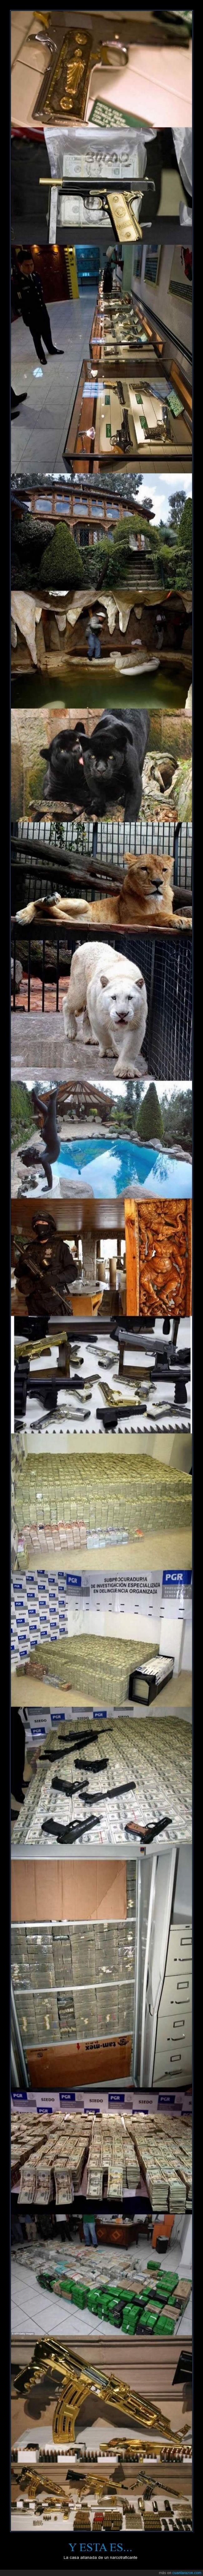 allanar,armas,billetes,casa,detener,dinero,droga,millones,narco,narcotraficante,oro,privada,propiedad,zoo